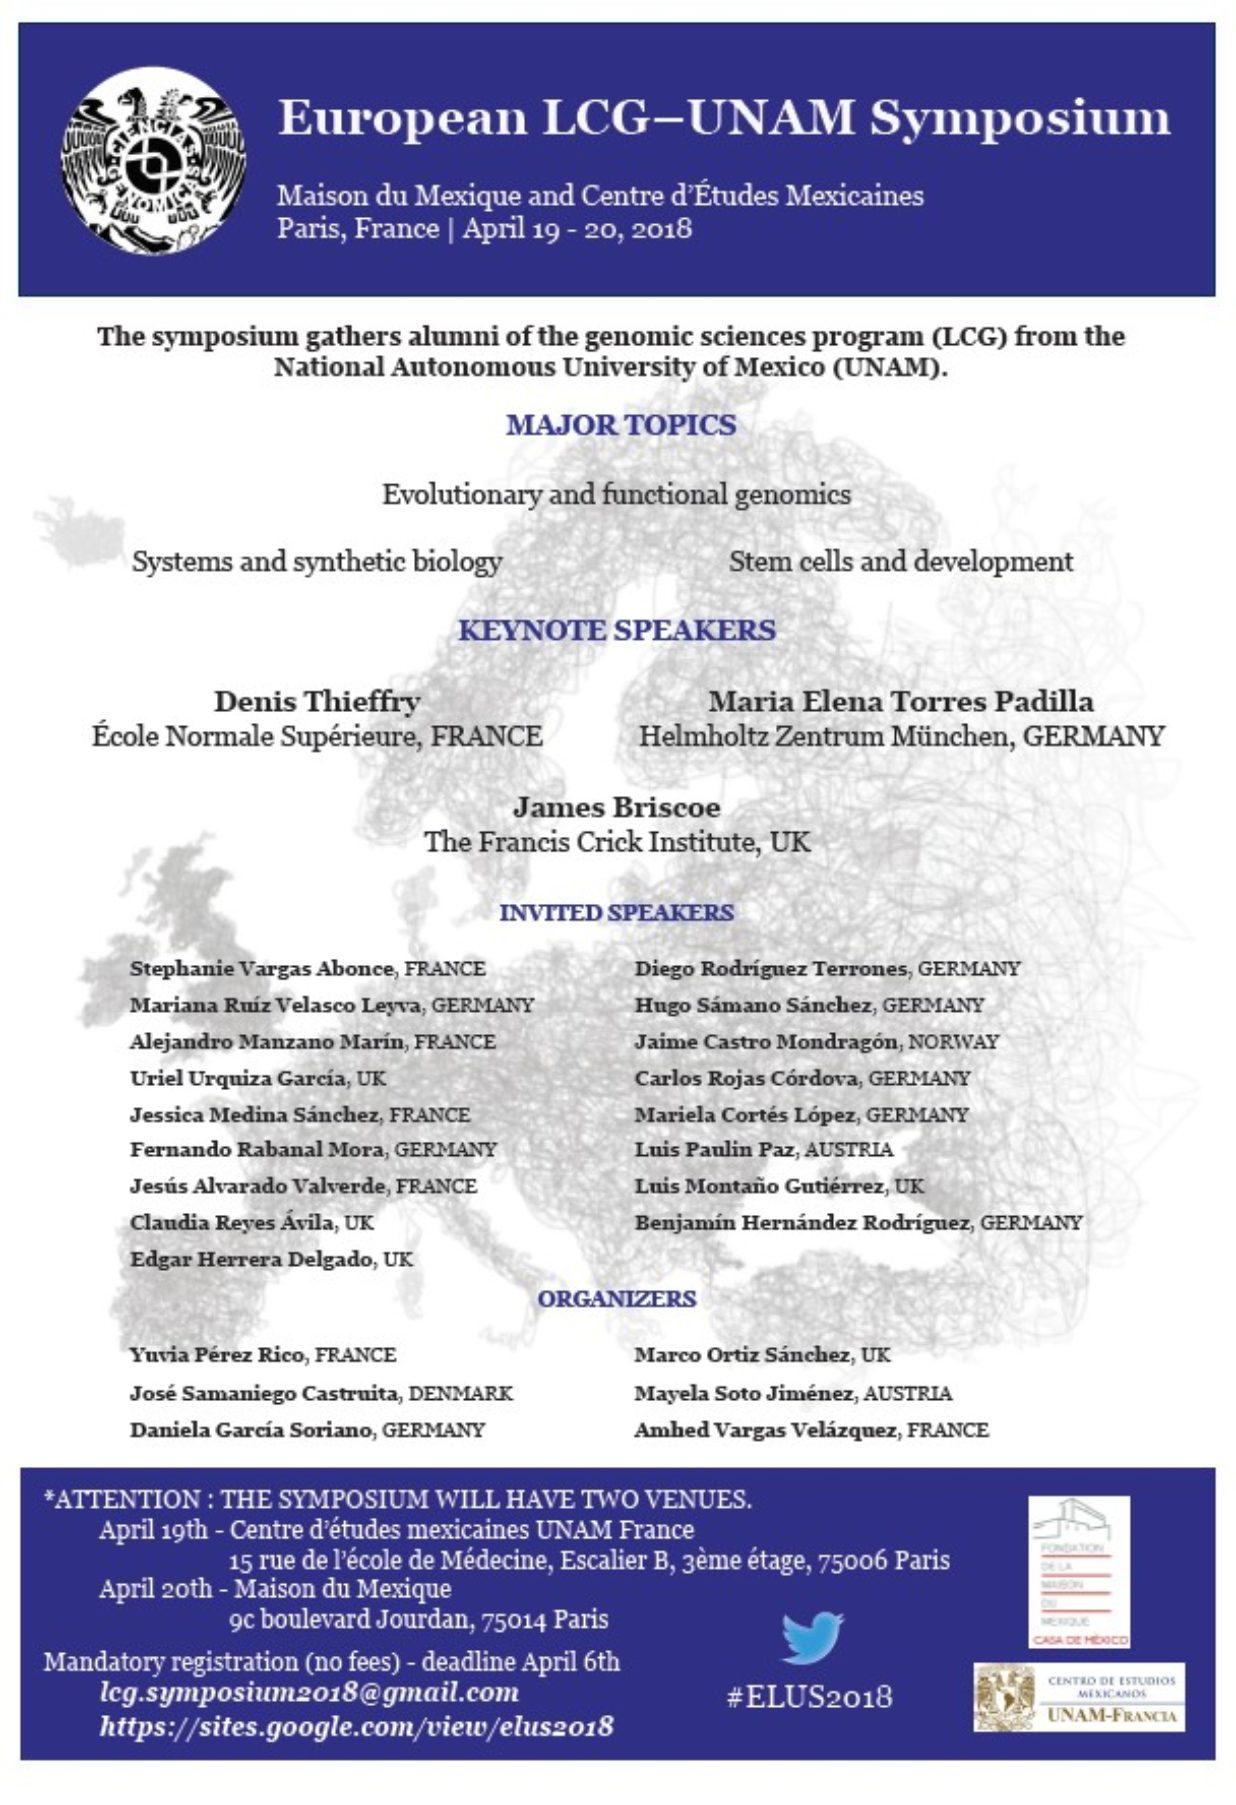 Simposium UNAM avril 19-20